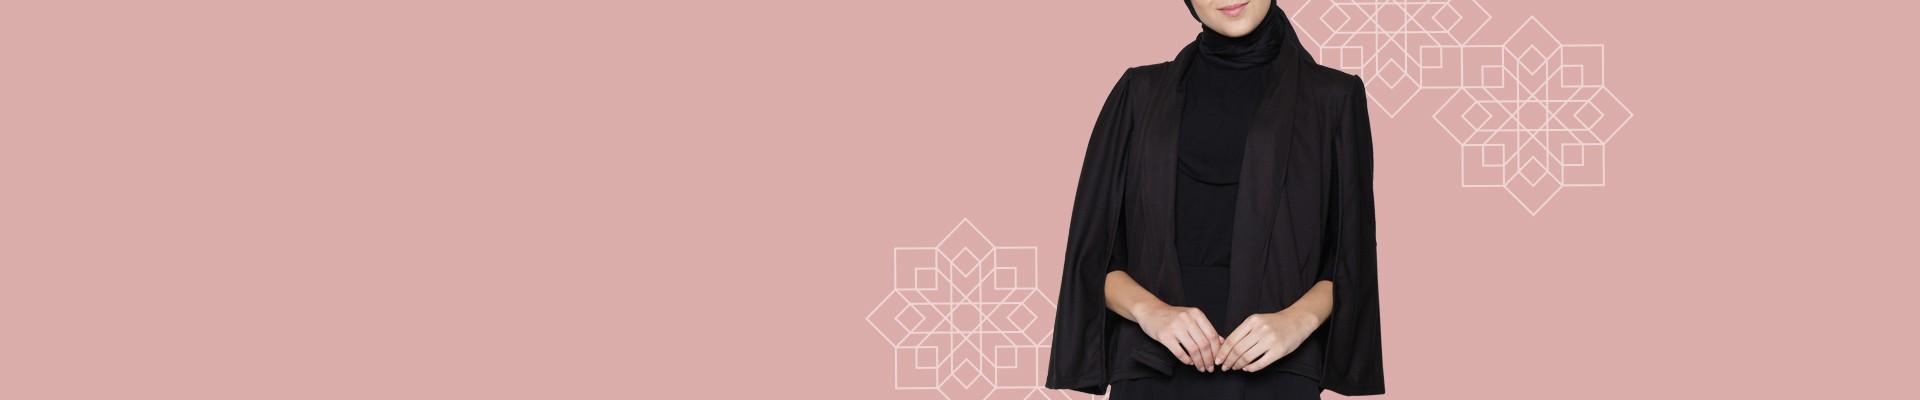 Jual Blazer Cape Muslim Wanita Terlengkap